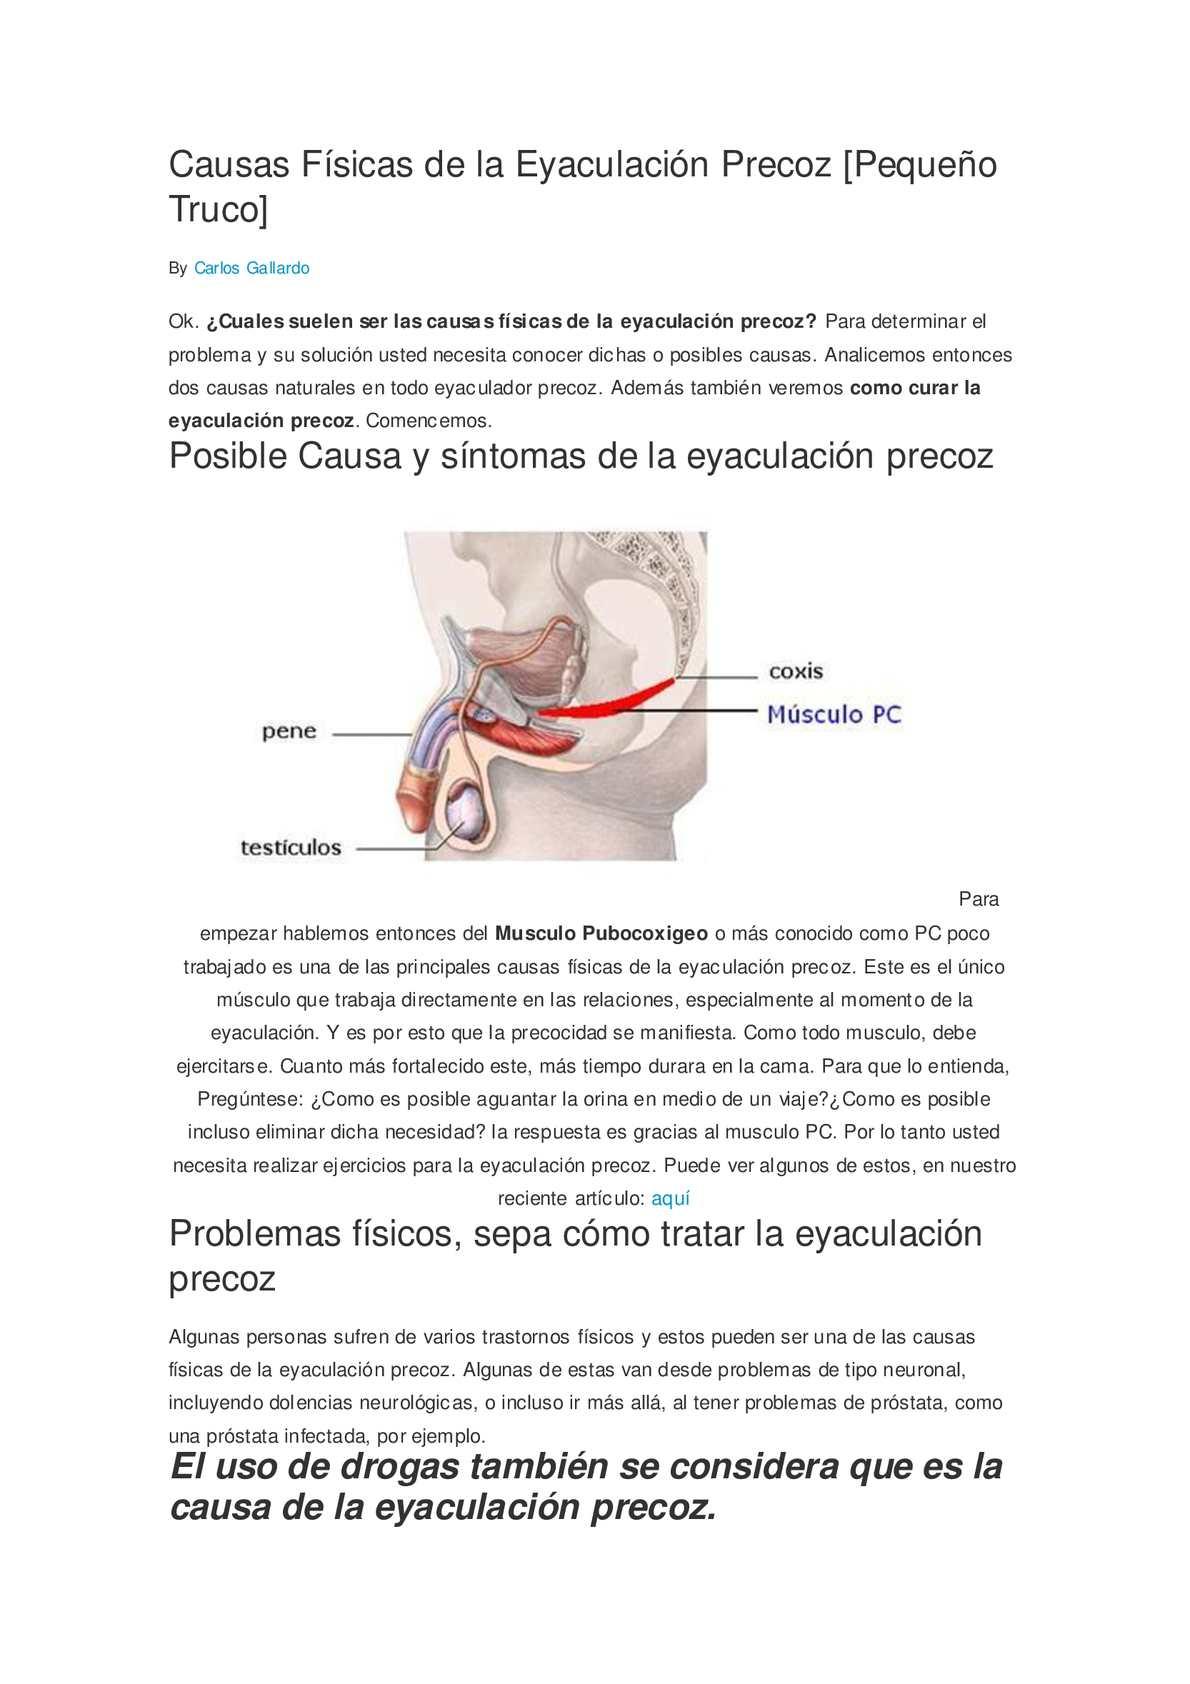 eyaculaciones precoces y próstata